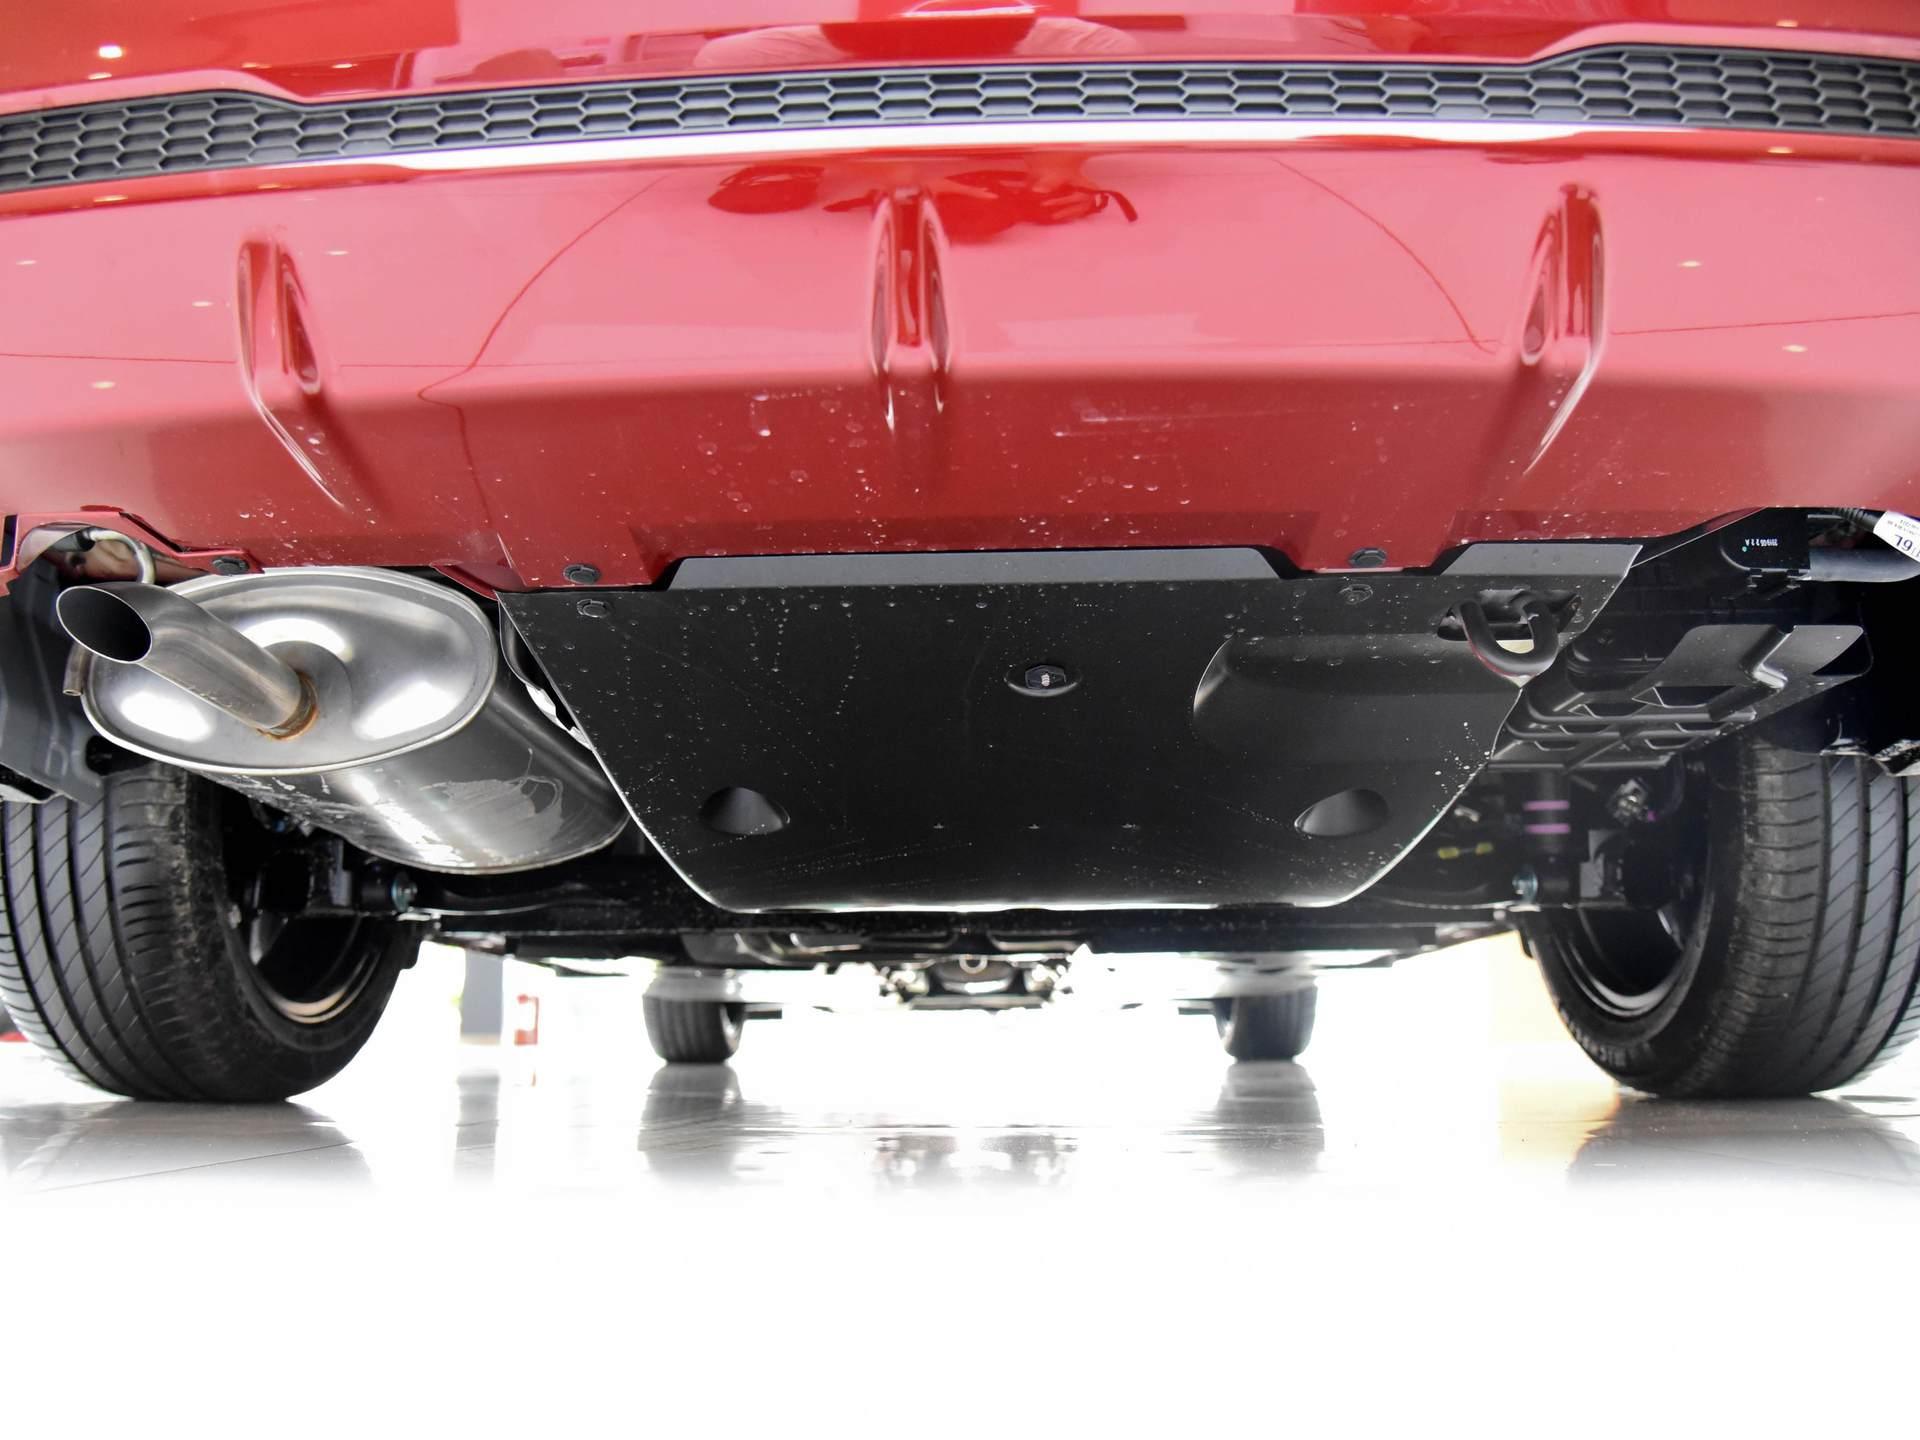 日產親民傢轎,軸距2712mm,1.6L+CVT售10萬起,配置不輸朗逸!-圖8